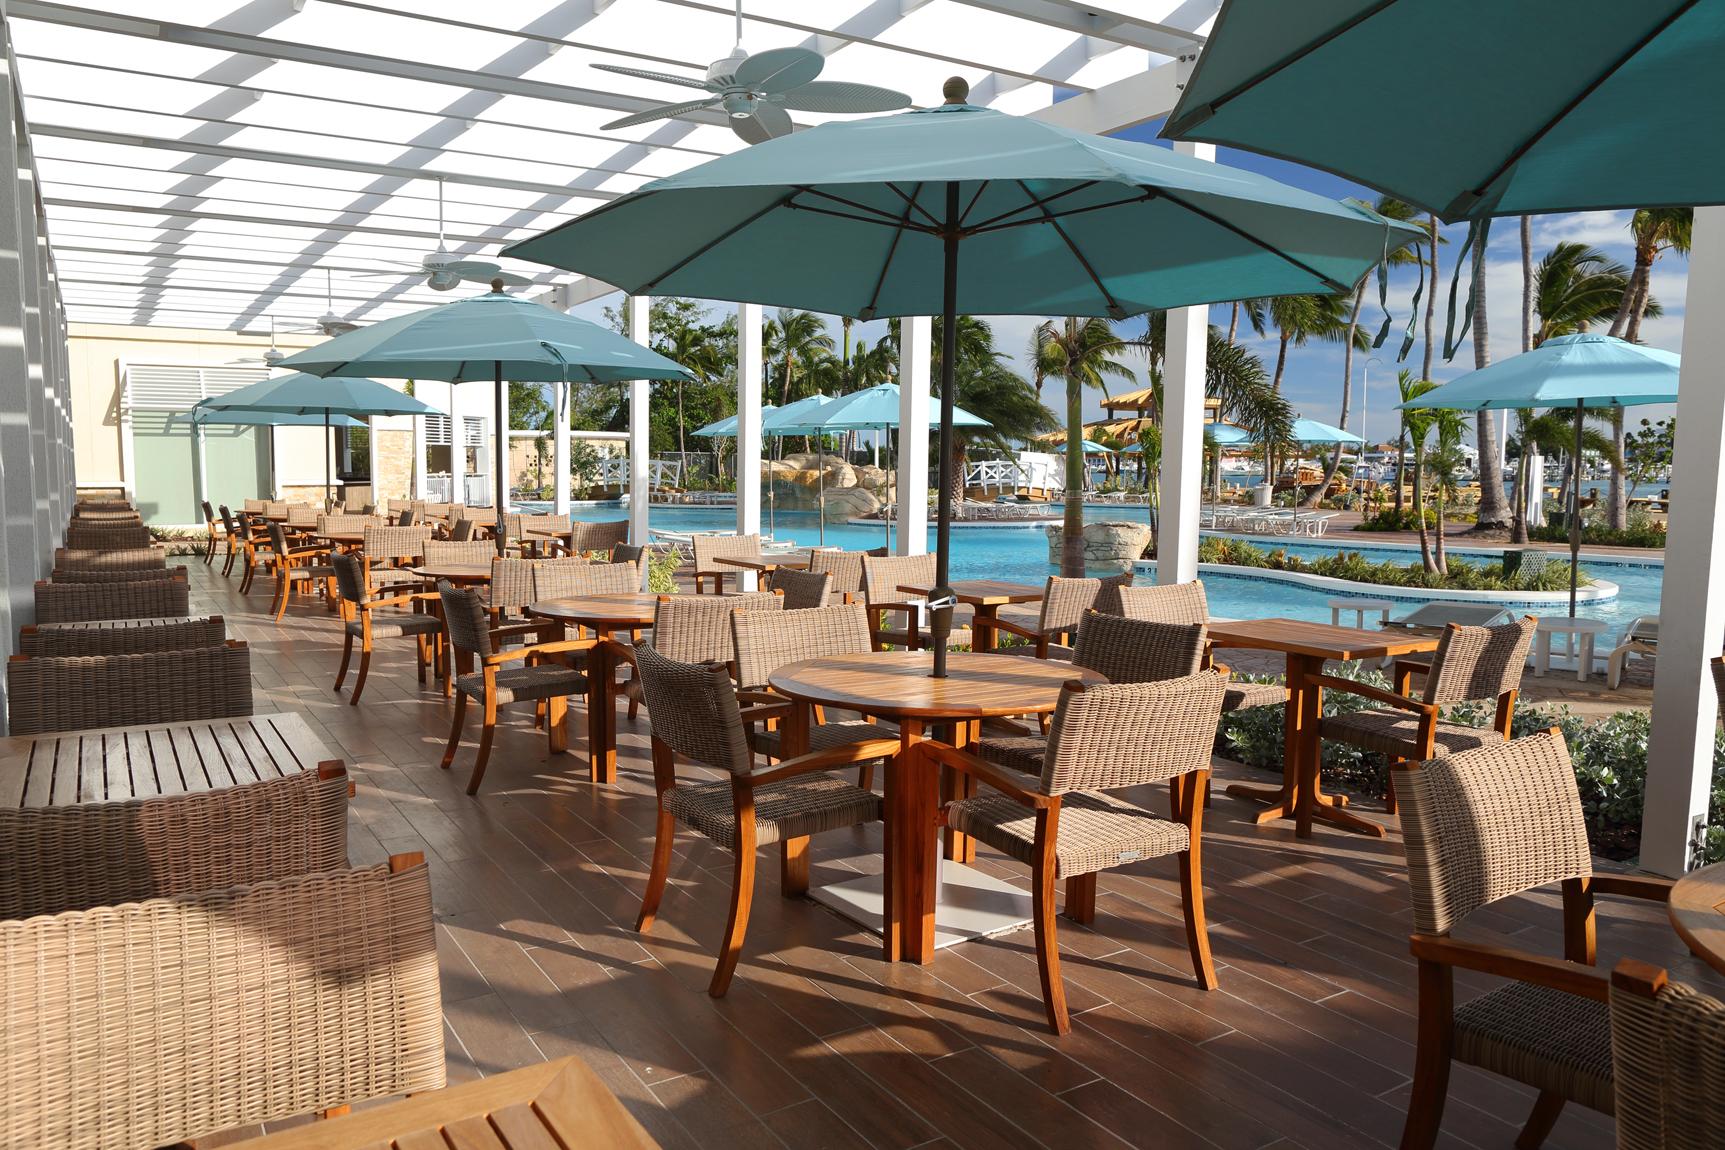 Warwick Paradise Island Bahamas - The Verandah Terrace